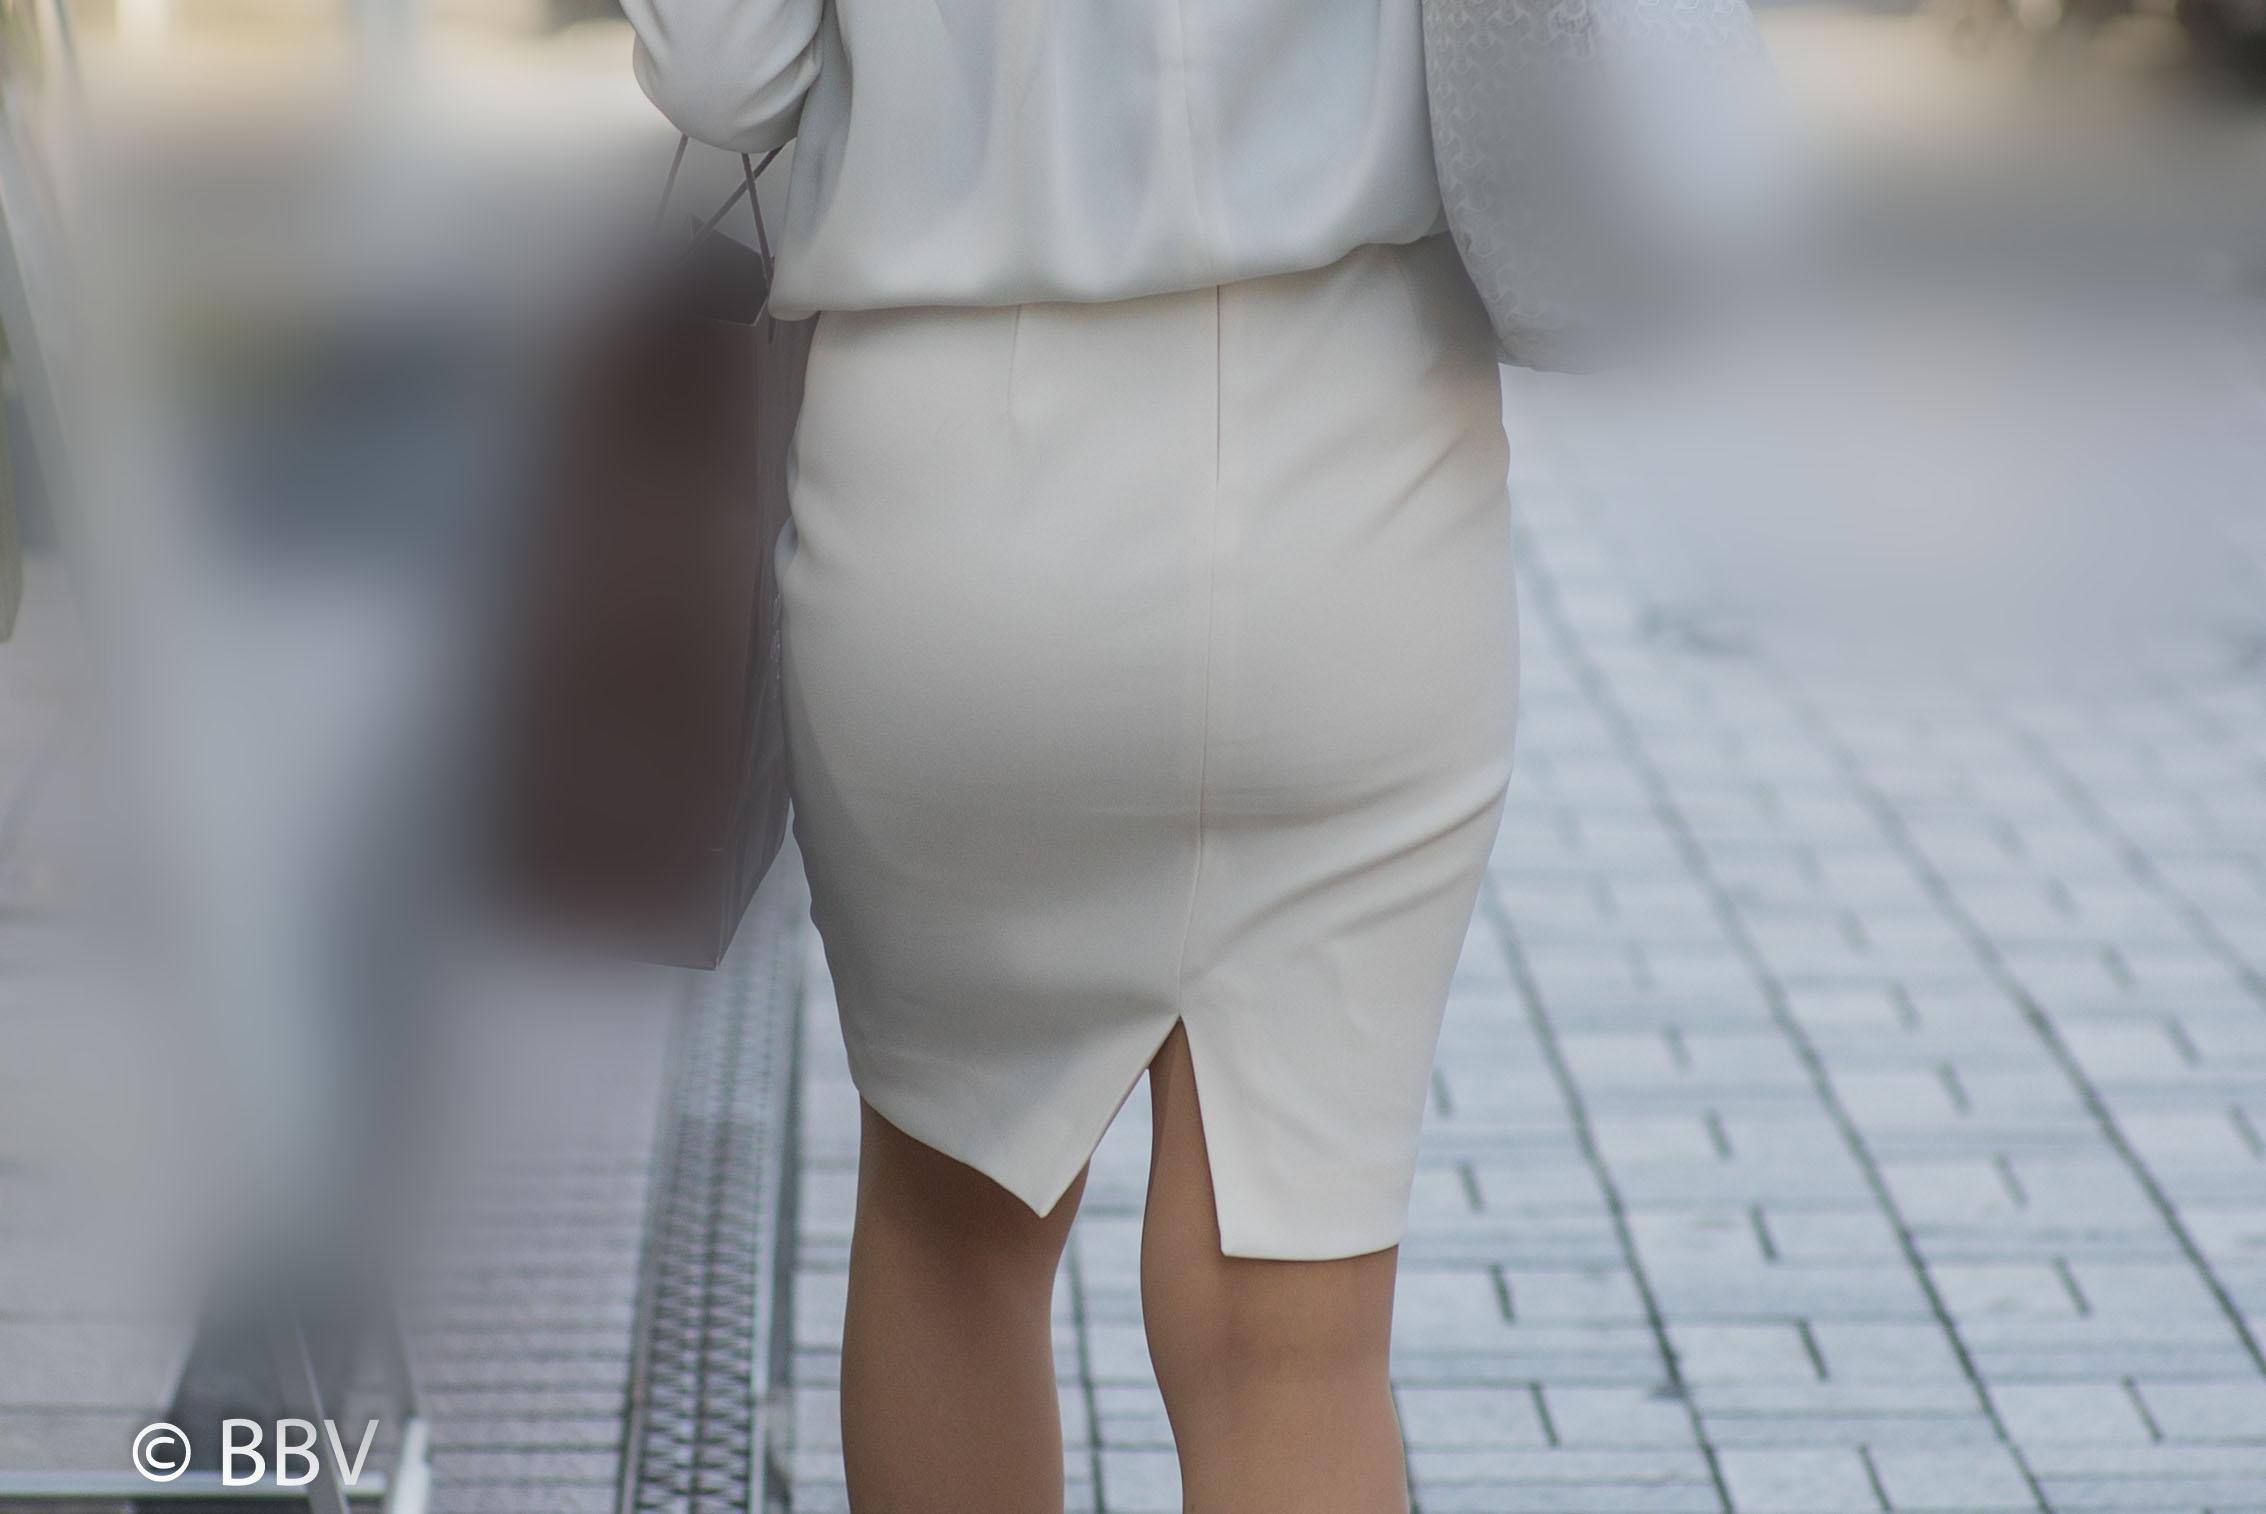 モチモチのお尻がエロい!白のタイトスカートのOLさん!